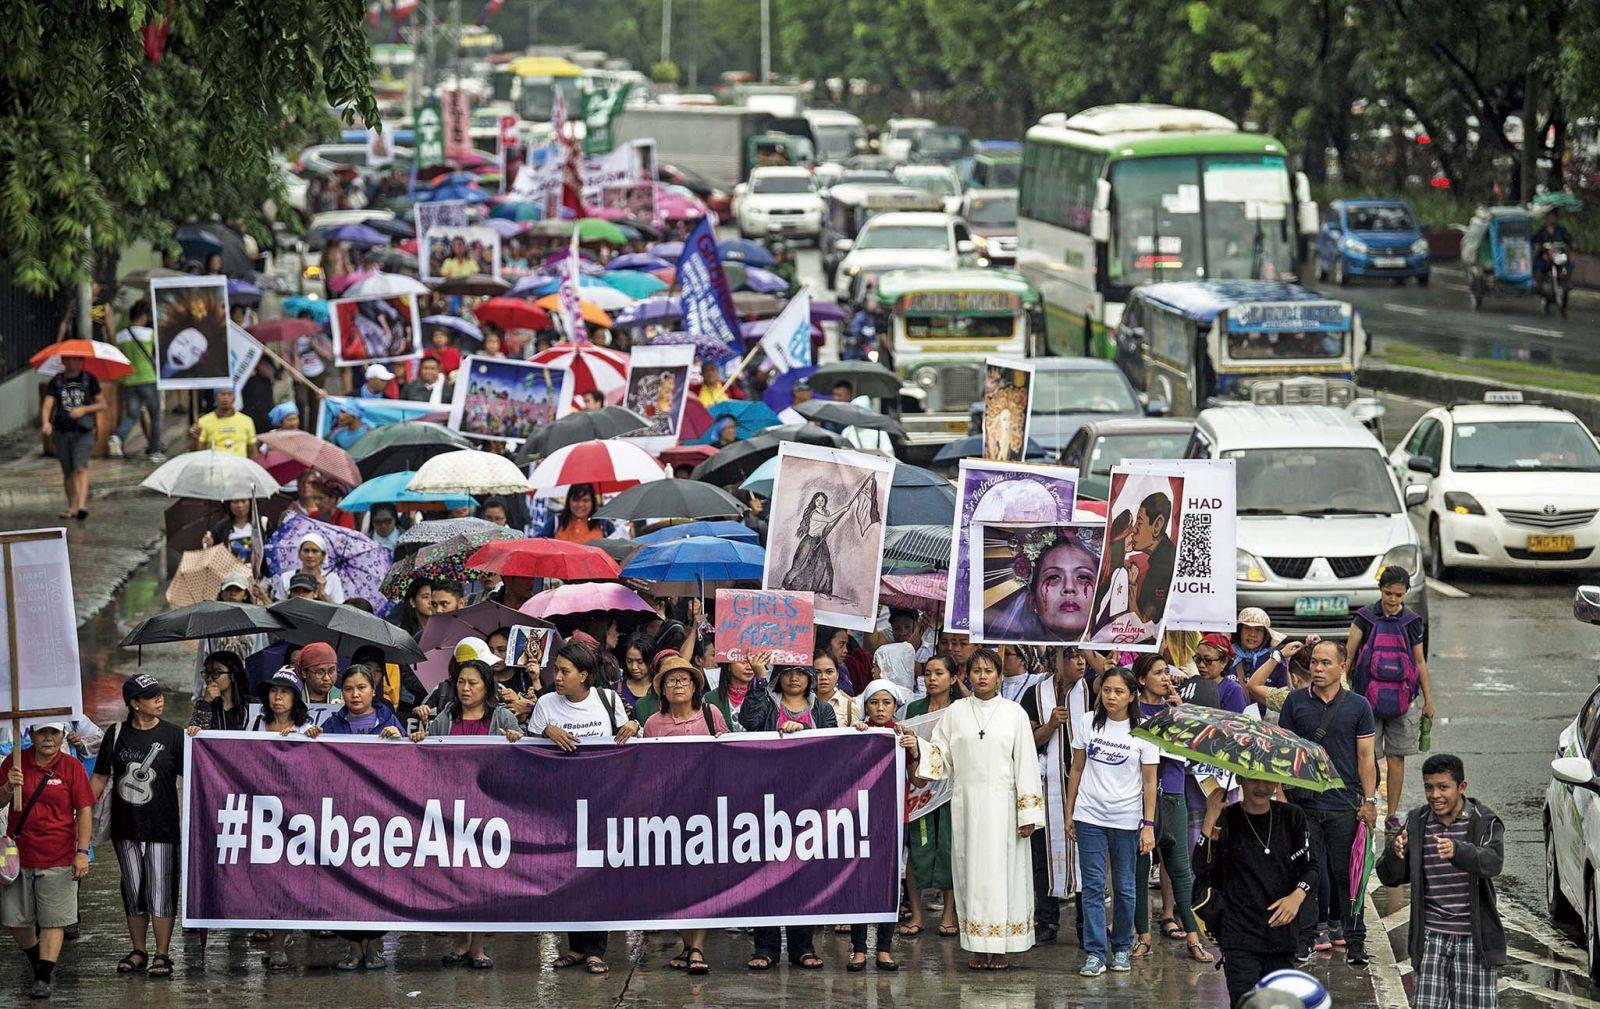 馬尼拉爆反迪泰特示威